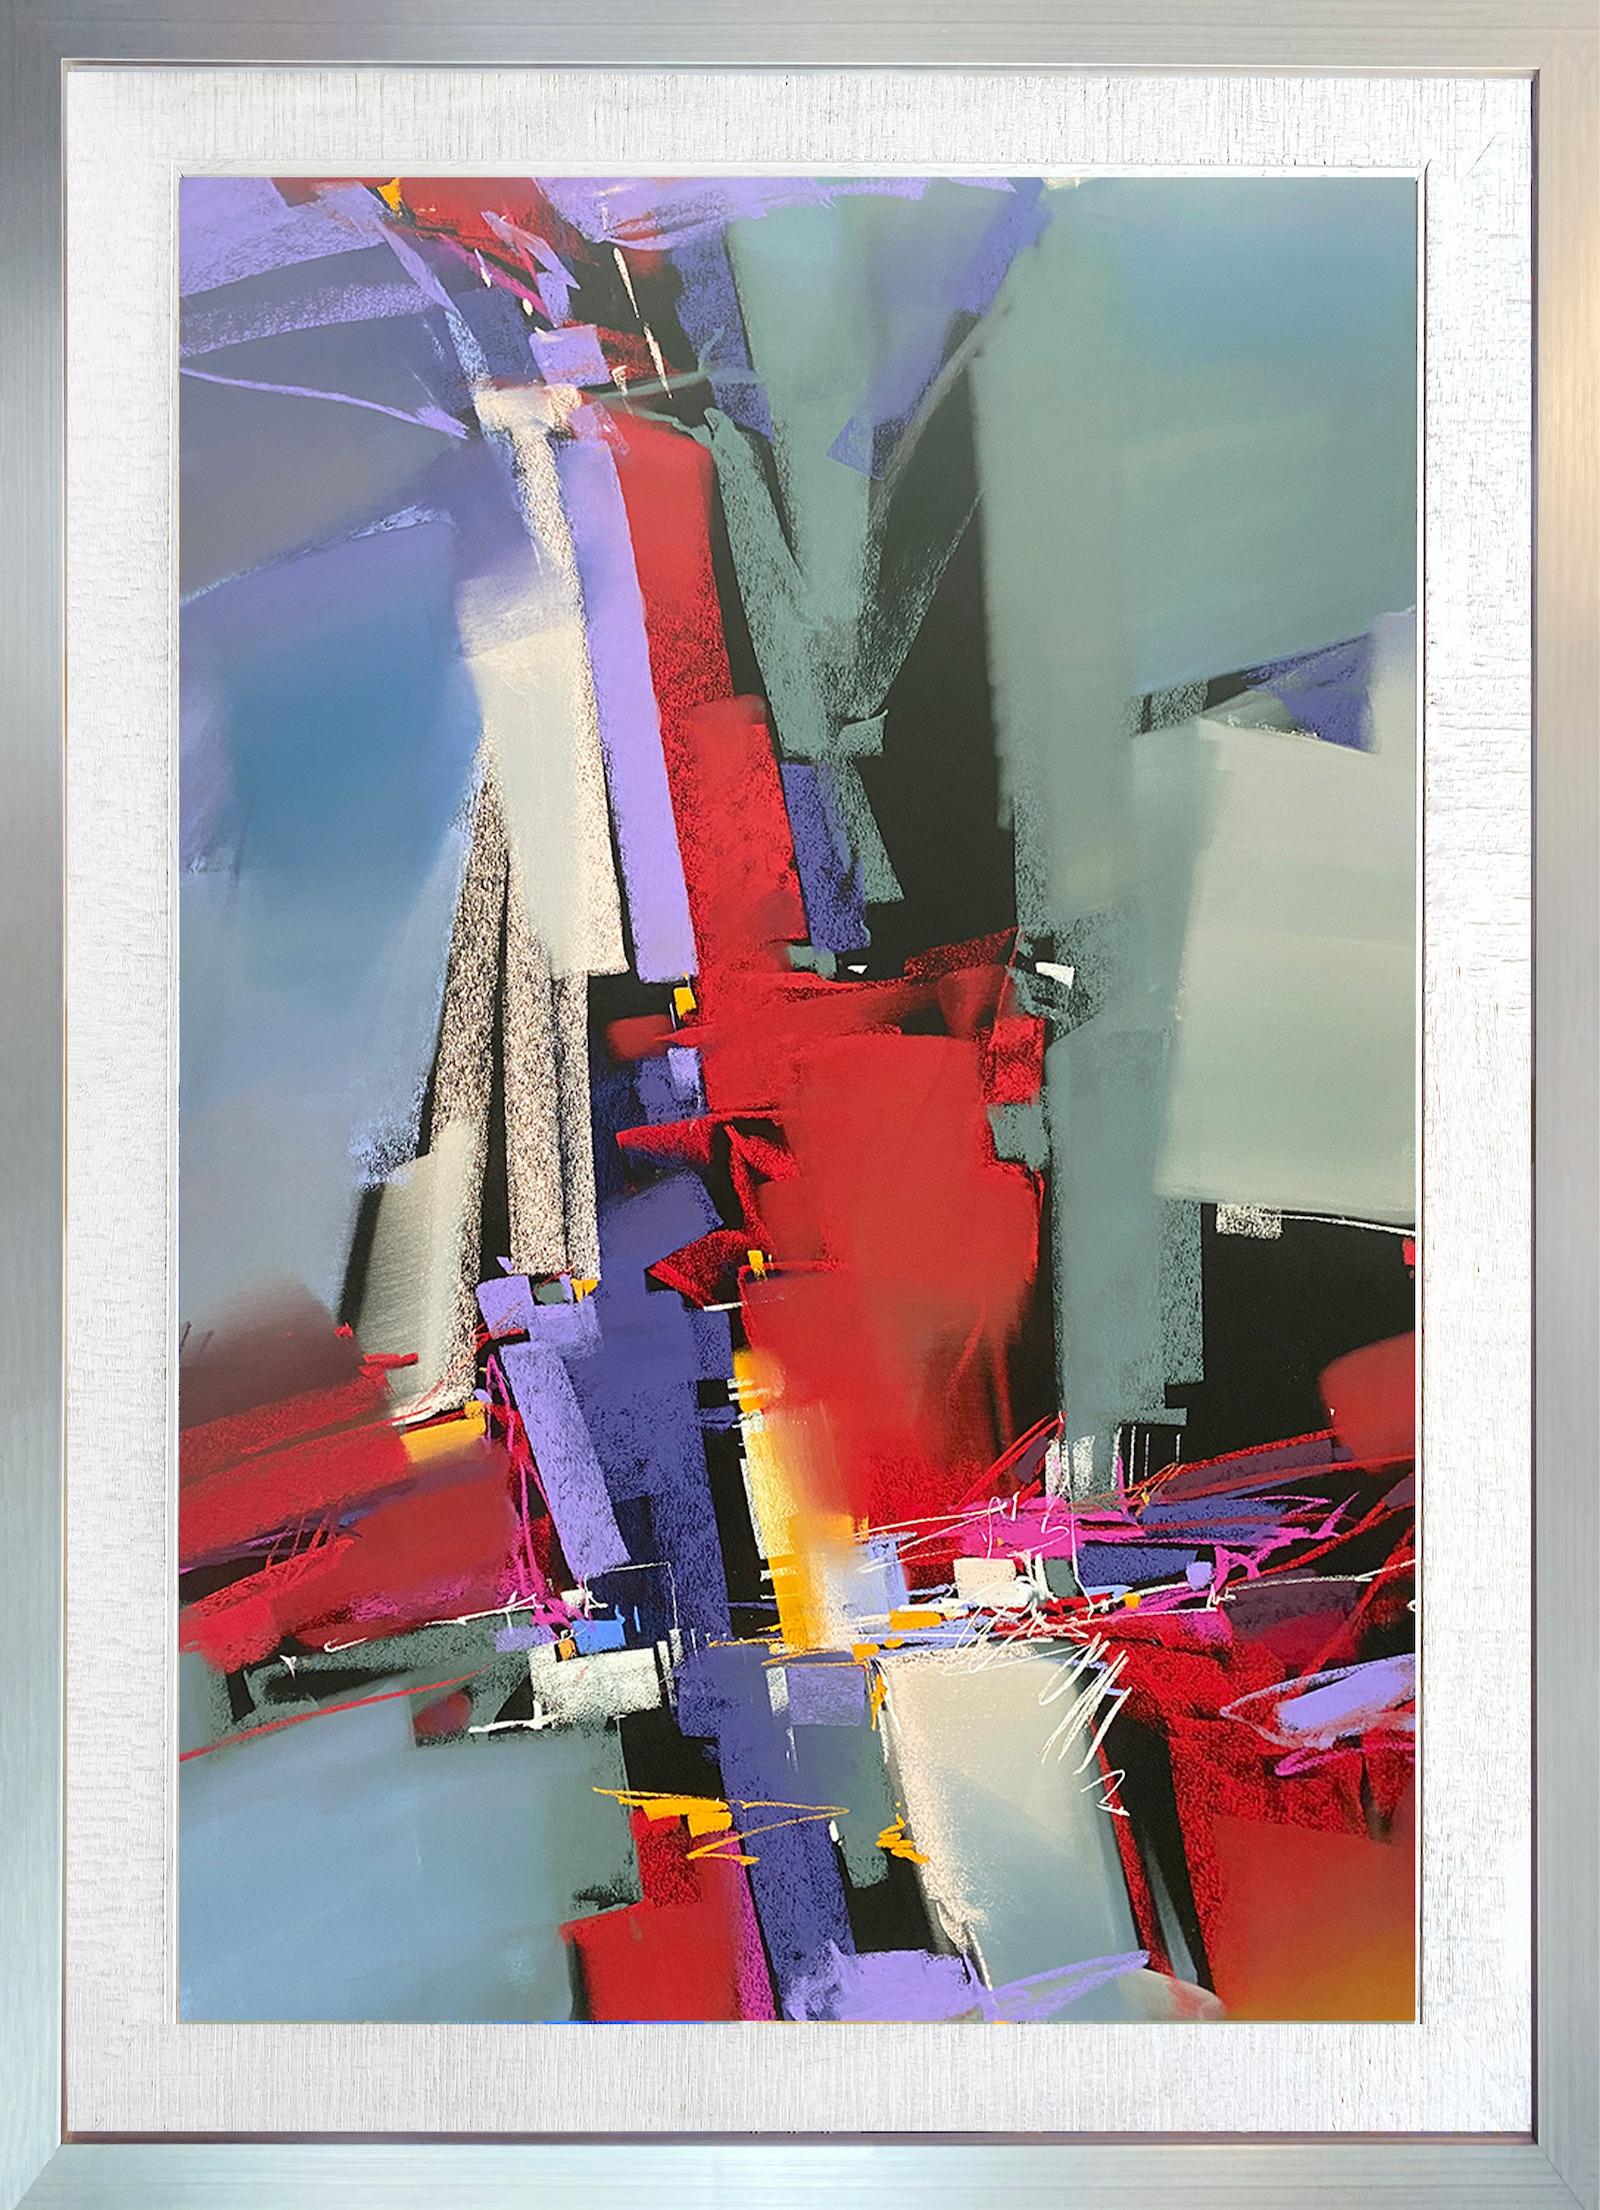 Scarlet toccata framed copy jatnw6